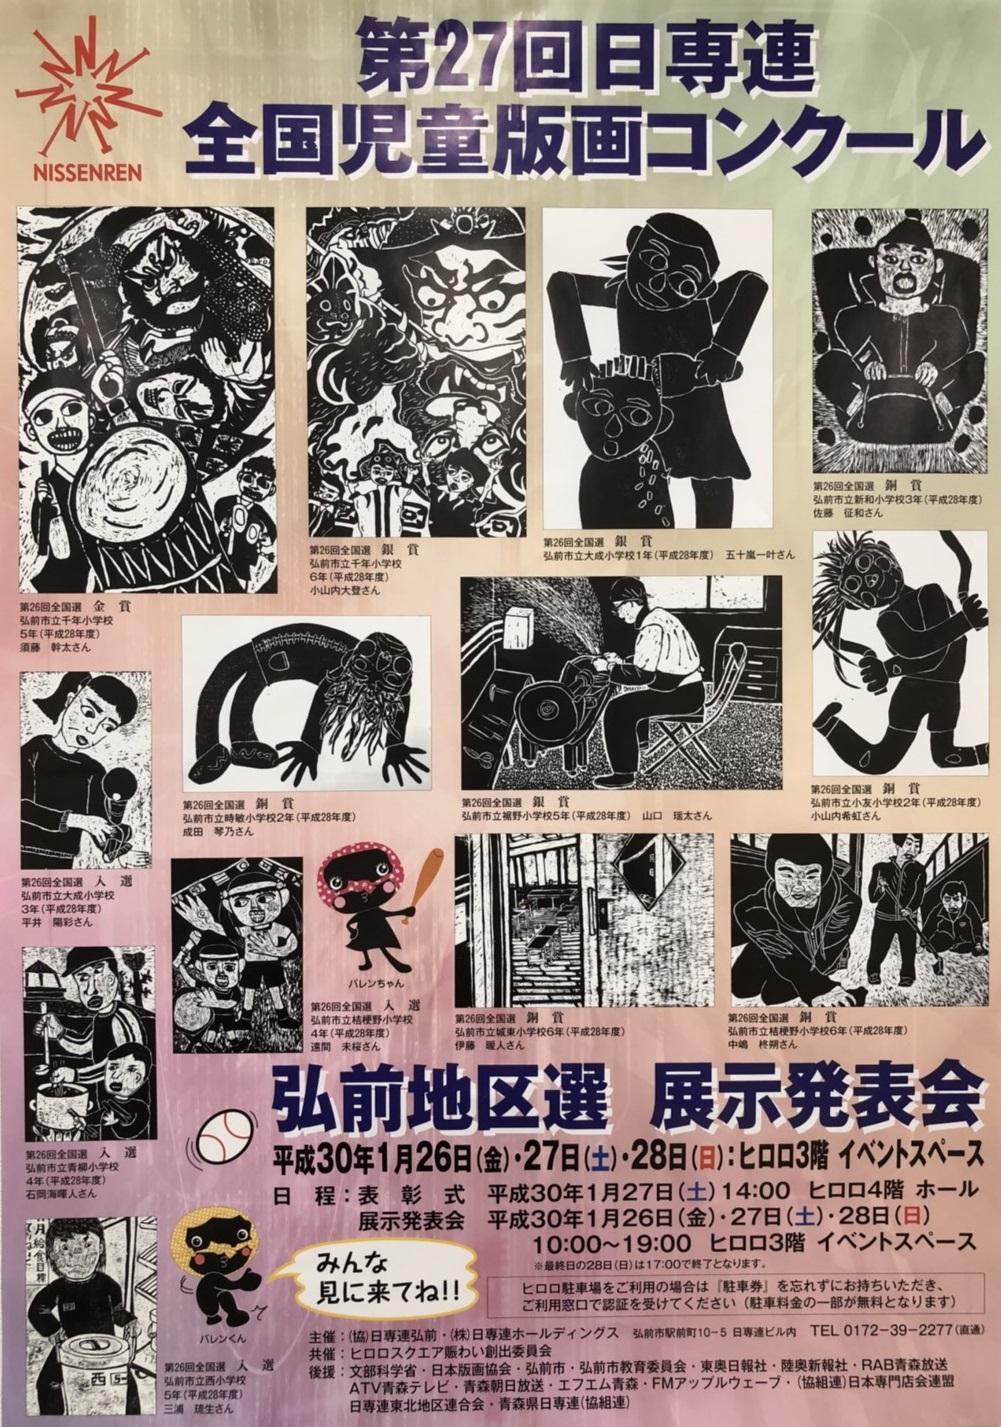 第27回日専連全国児童版画コンクール弘前地区選展示発表会.jpg